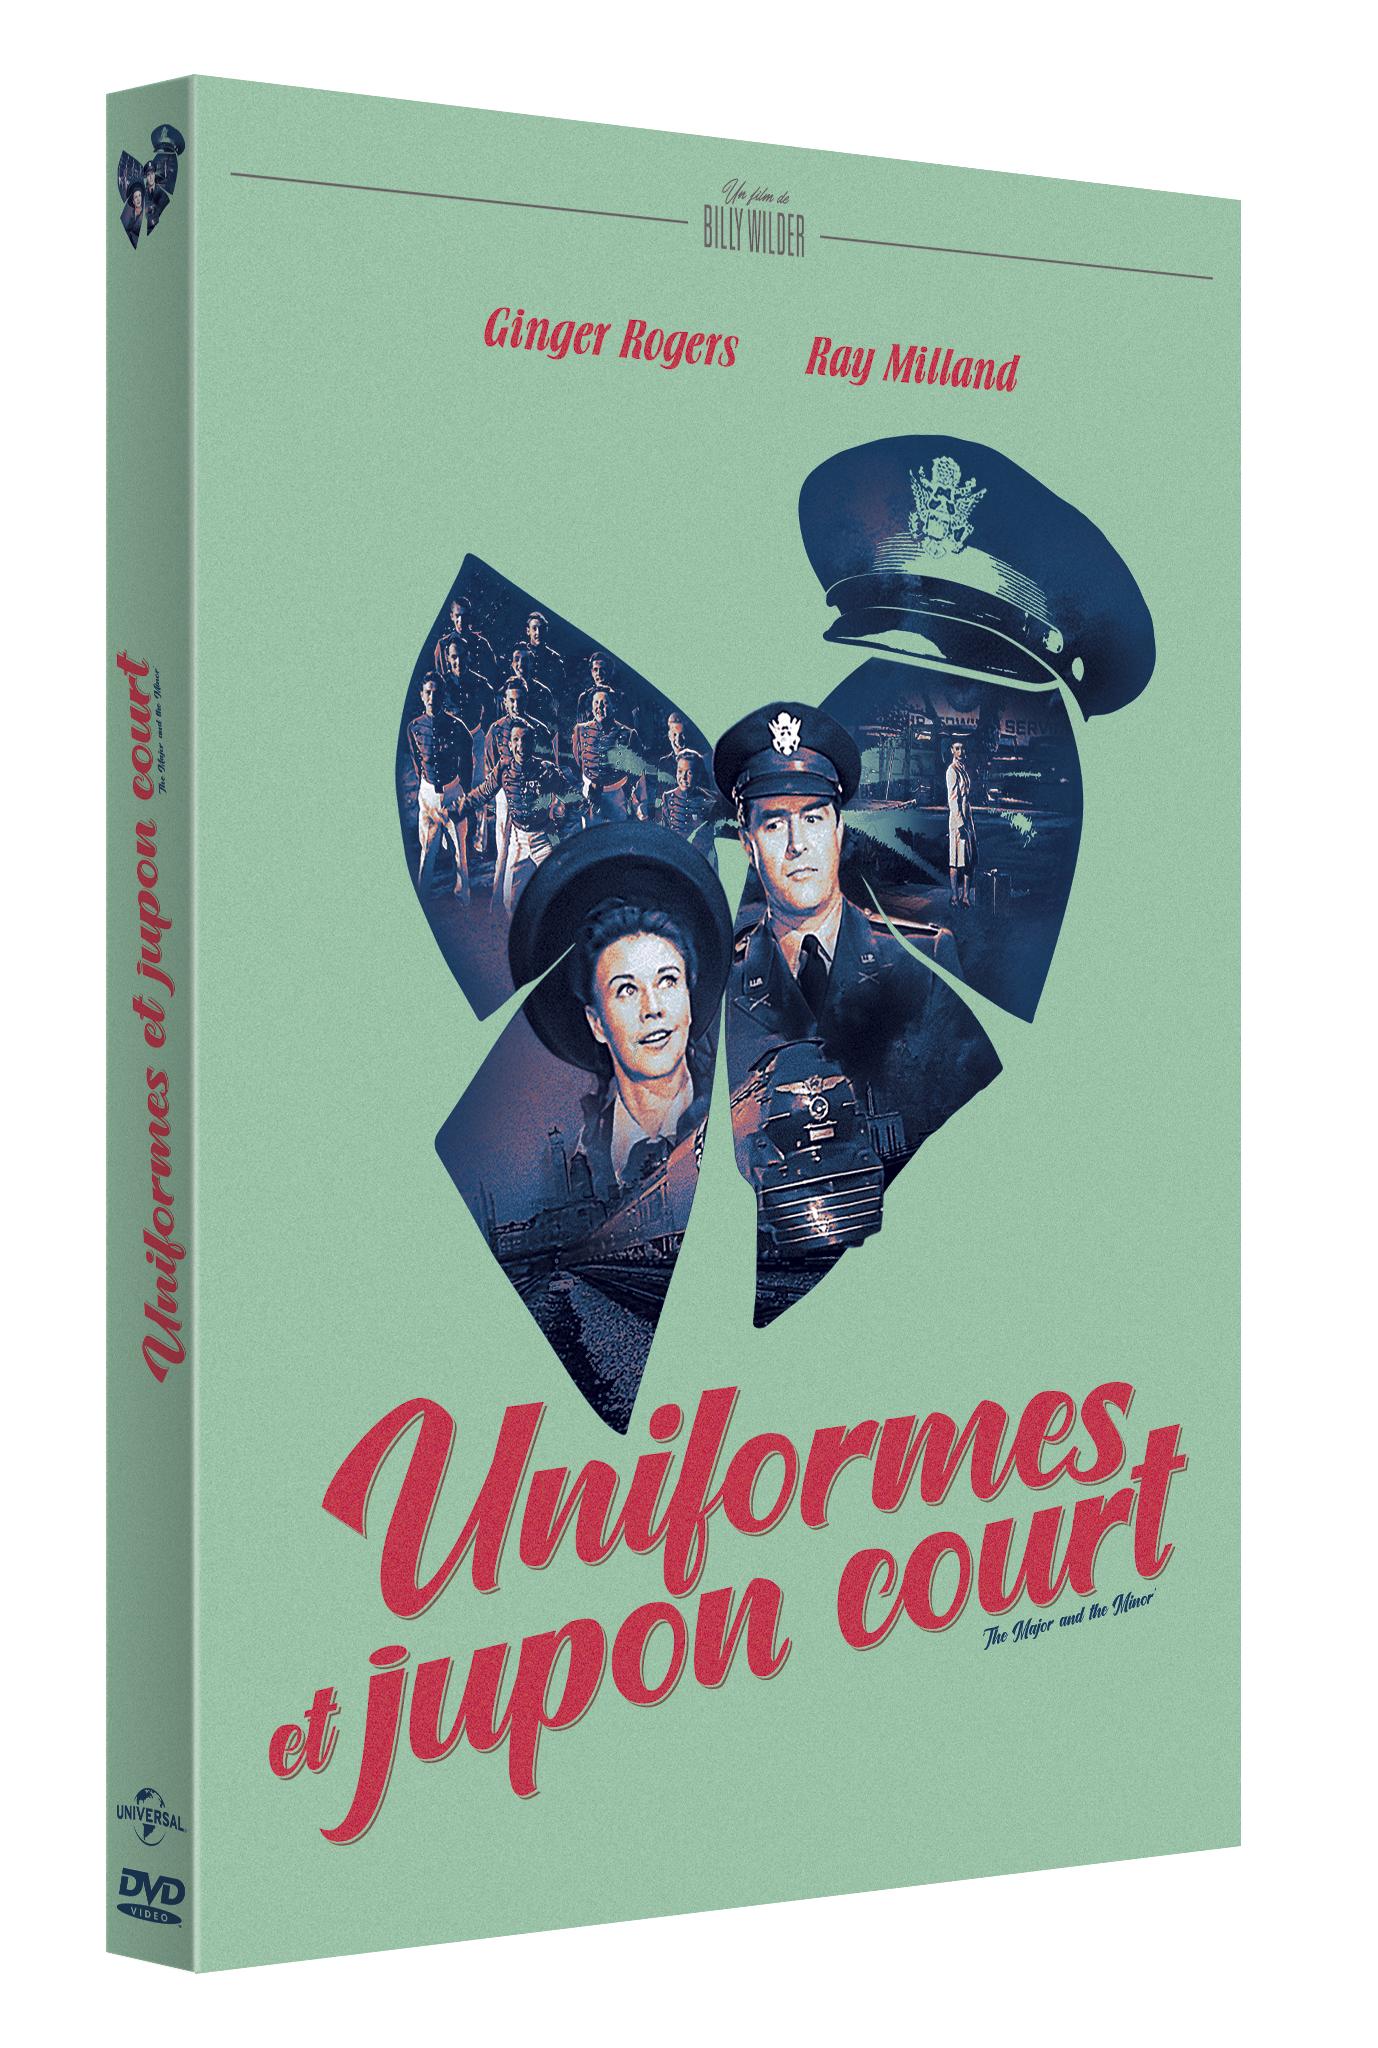 UNIFORMES ET JUPON COURT